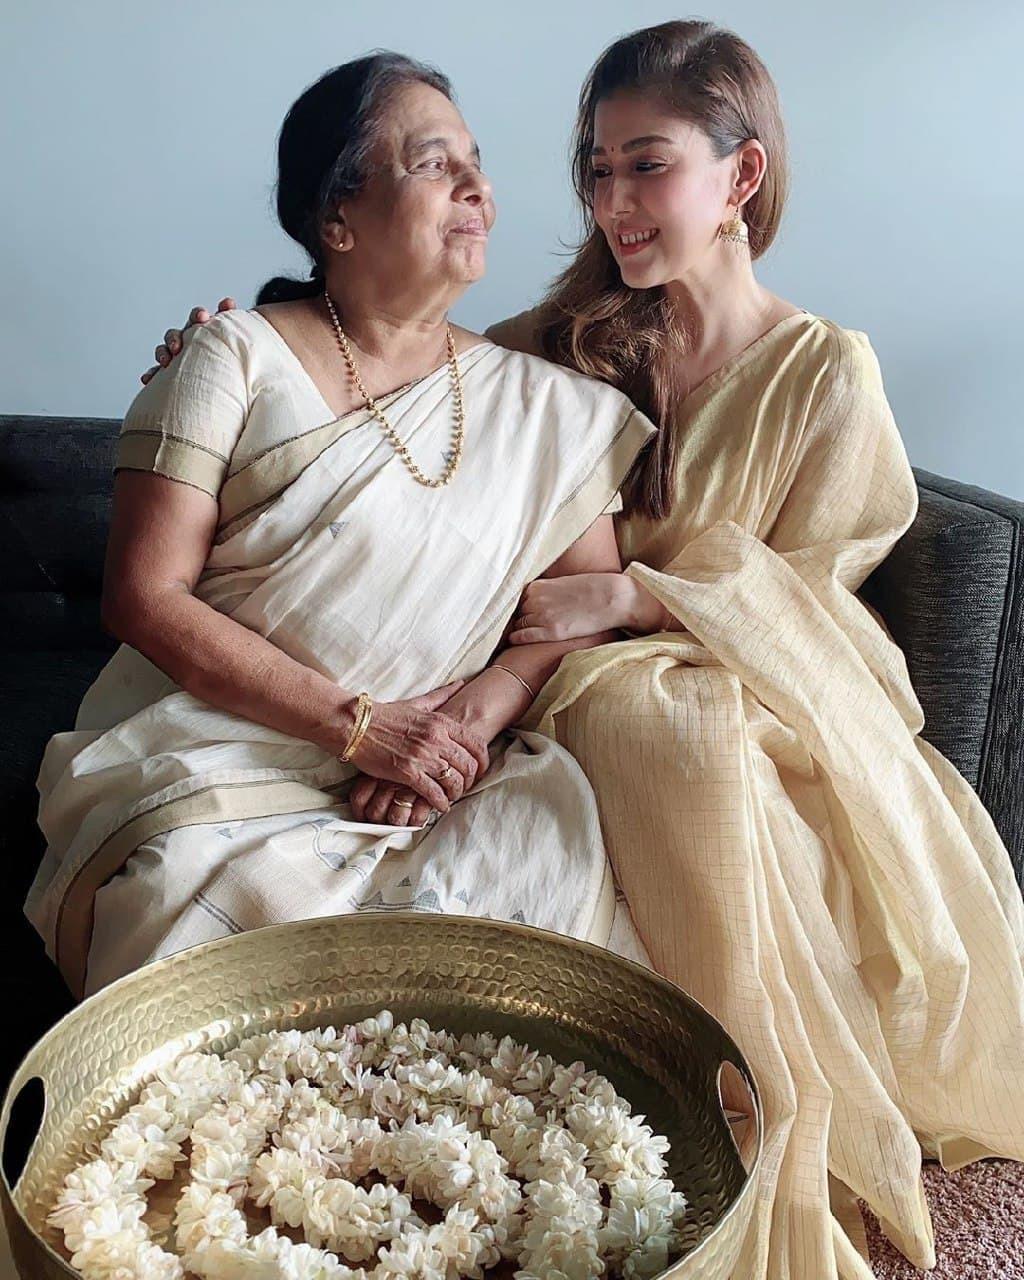 നയന്താരയുടെ വിവാഹം കാത്തിരിക്കുന്ന ആരാധകര്... വിഘ്നേശ് പുറത്തുവിട്ടത് മറ്റൊരു ക്യൂട്ട് ചിത്രം